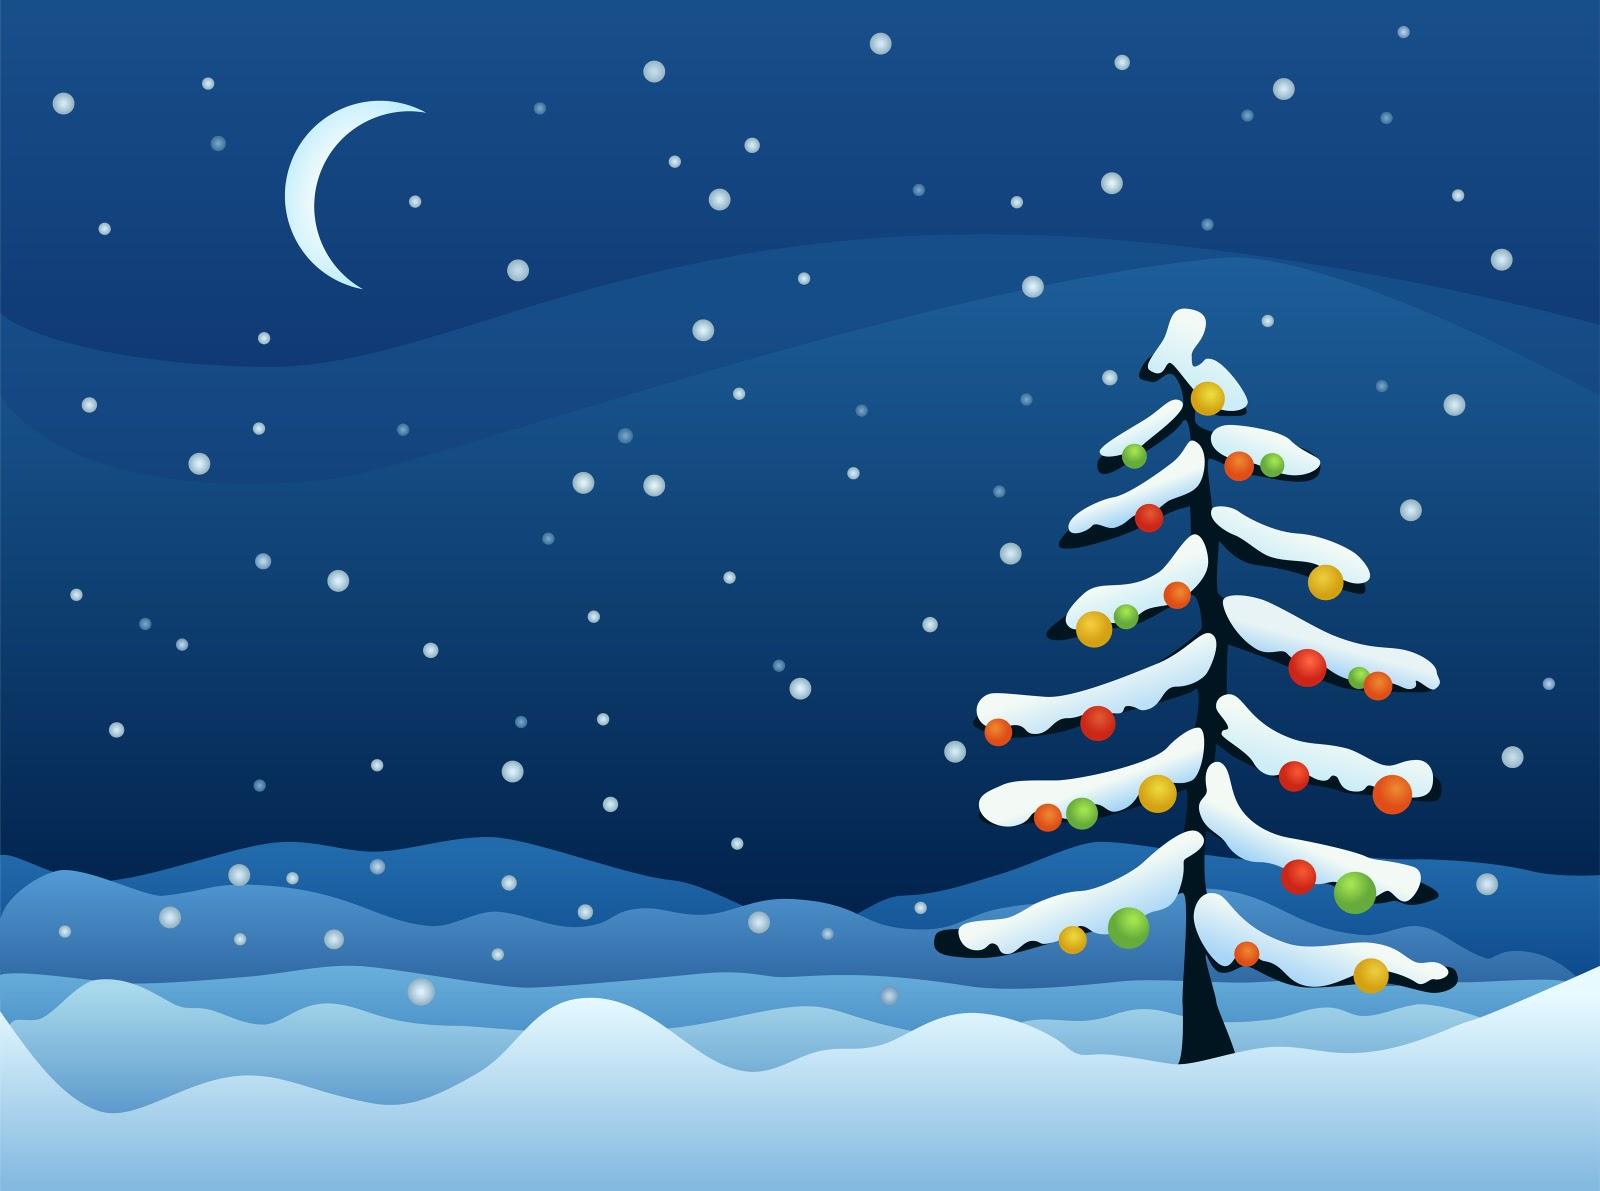 Dise o de rbol de navidad blog evento web - Arbol de navidad diseno ...